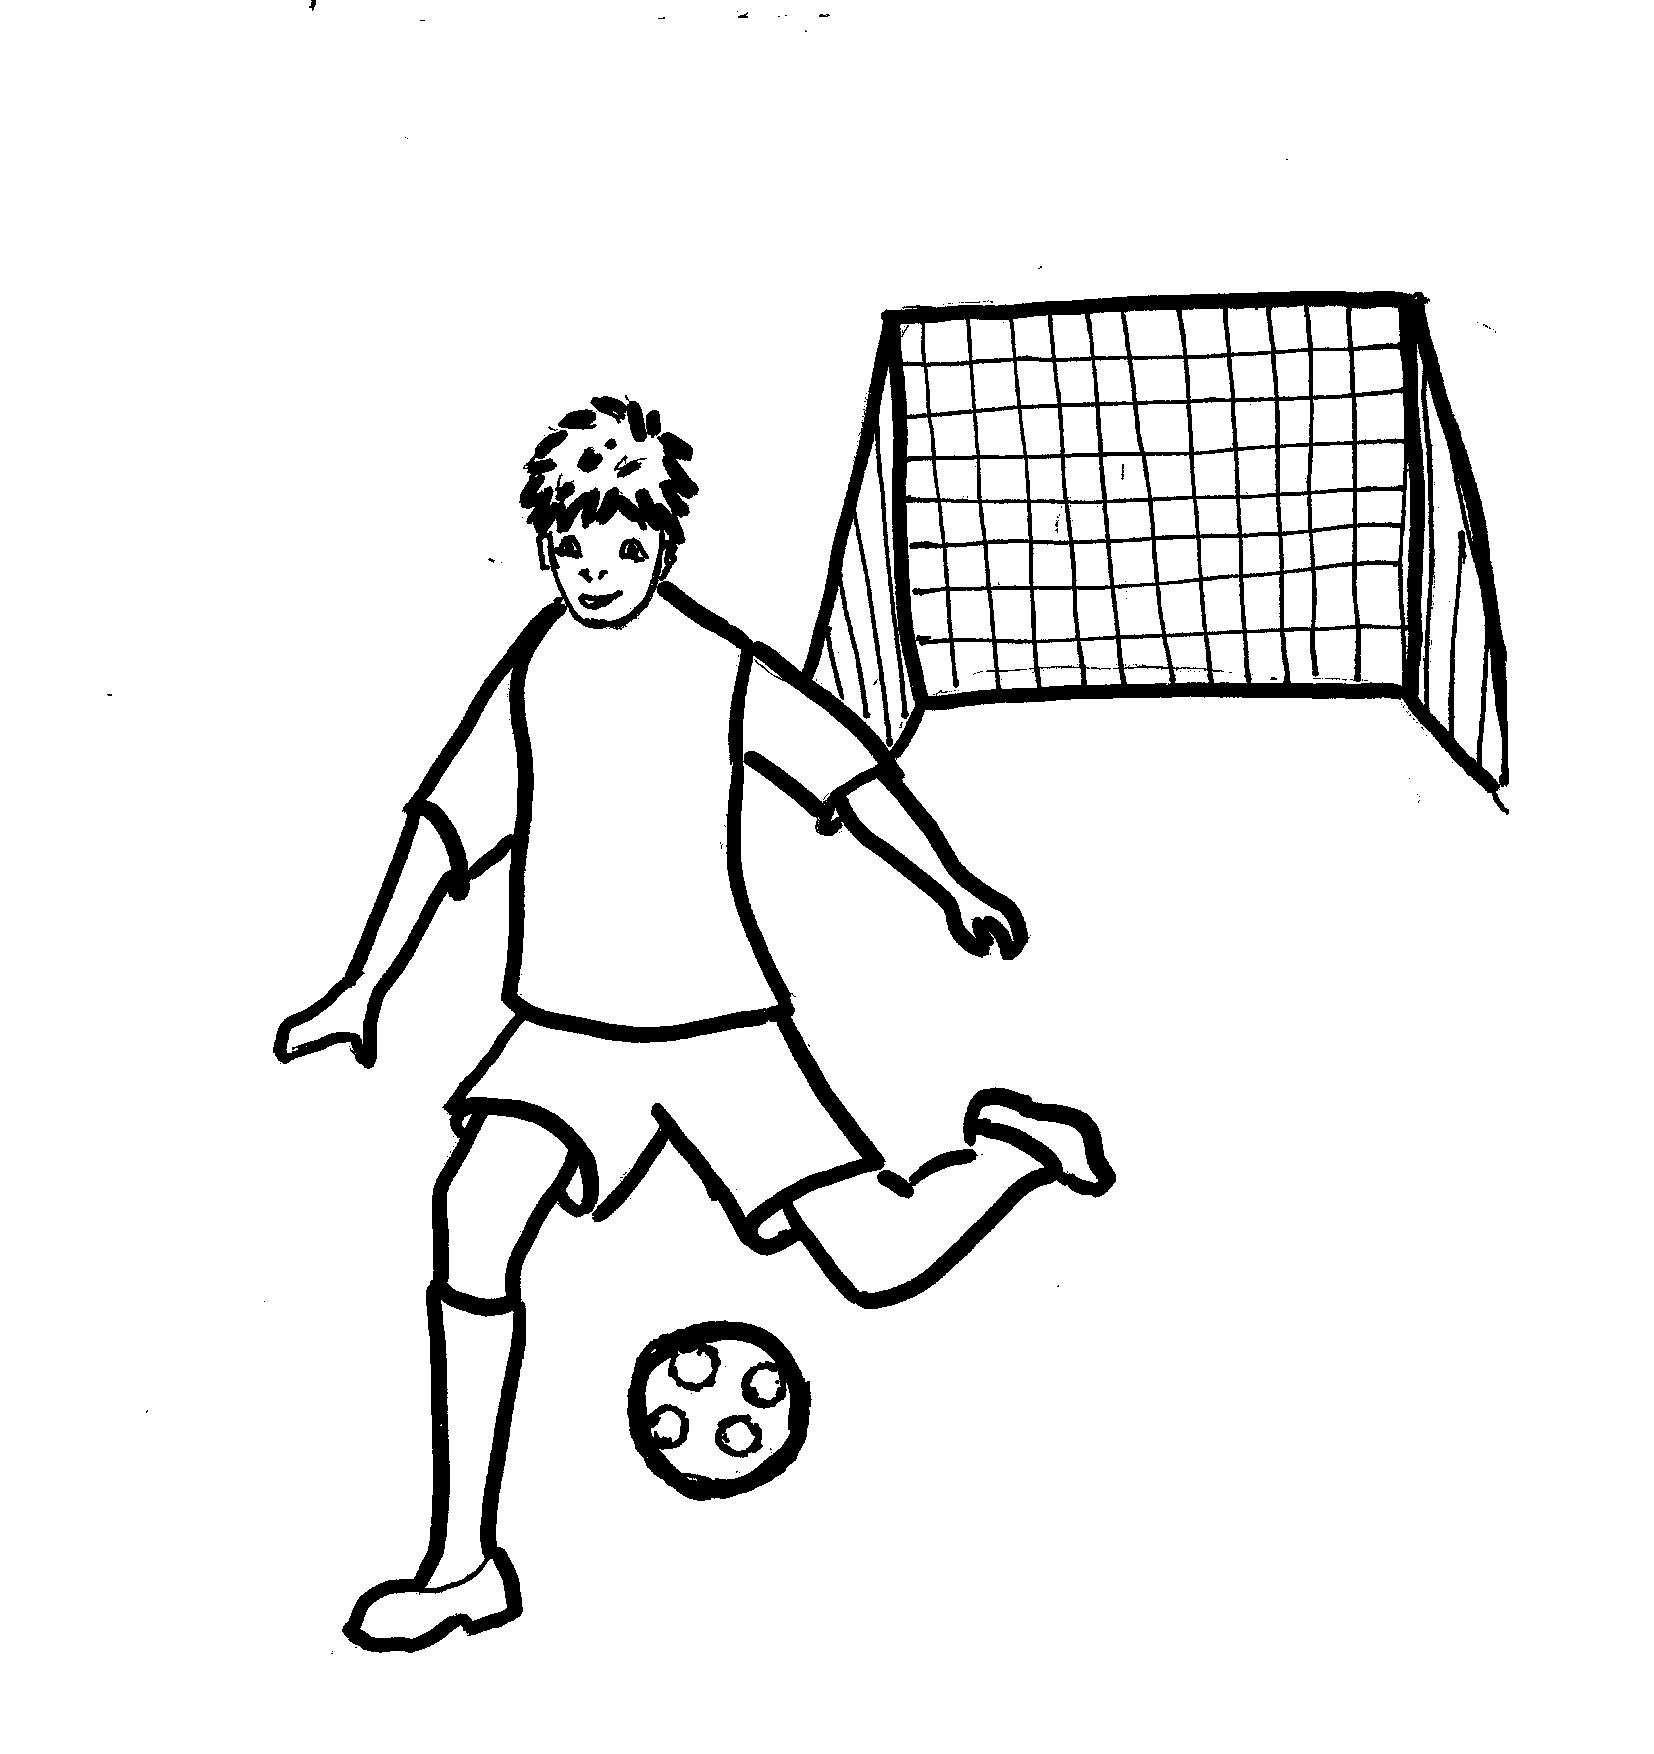 Bambini Che Giocano A Calcio Disegni Stampae Colorare